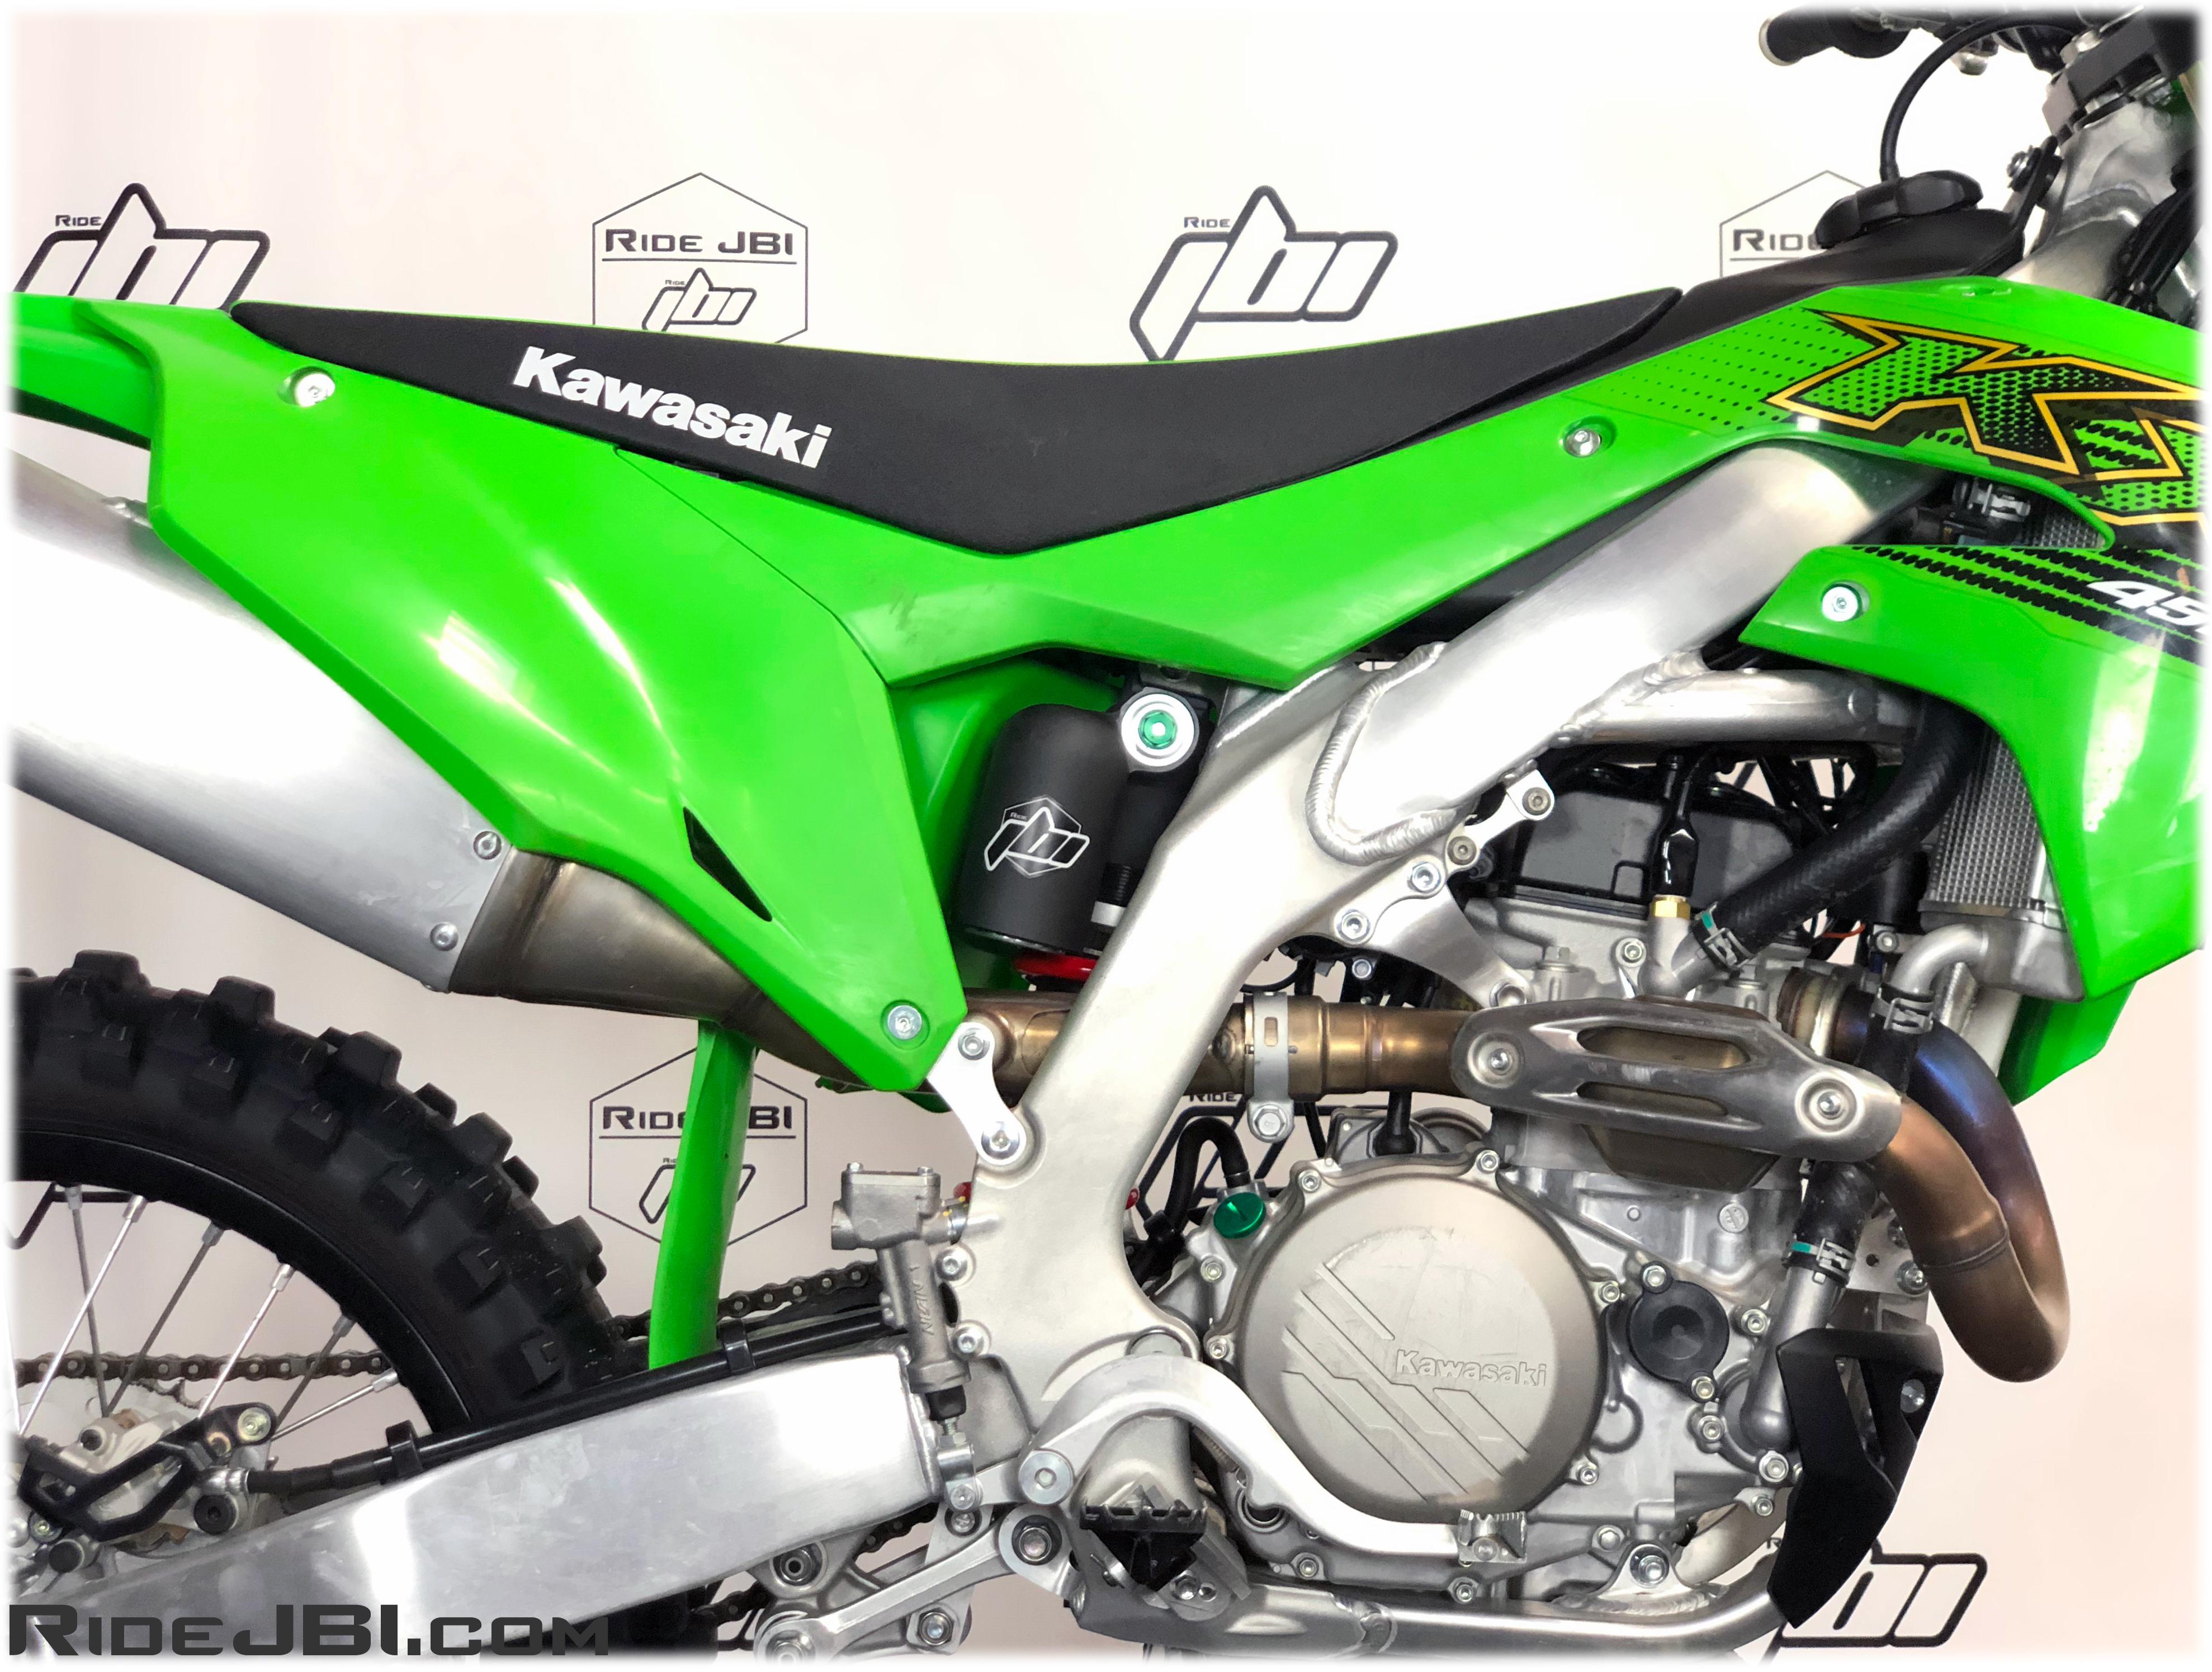 2020 Kawasaki KX450 JBI Suspension